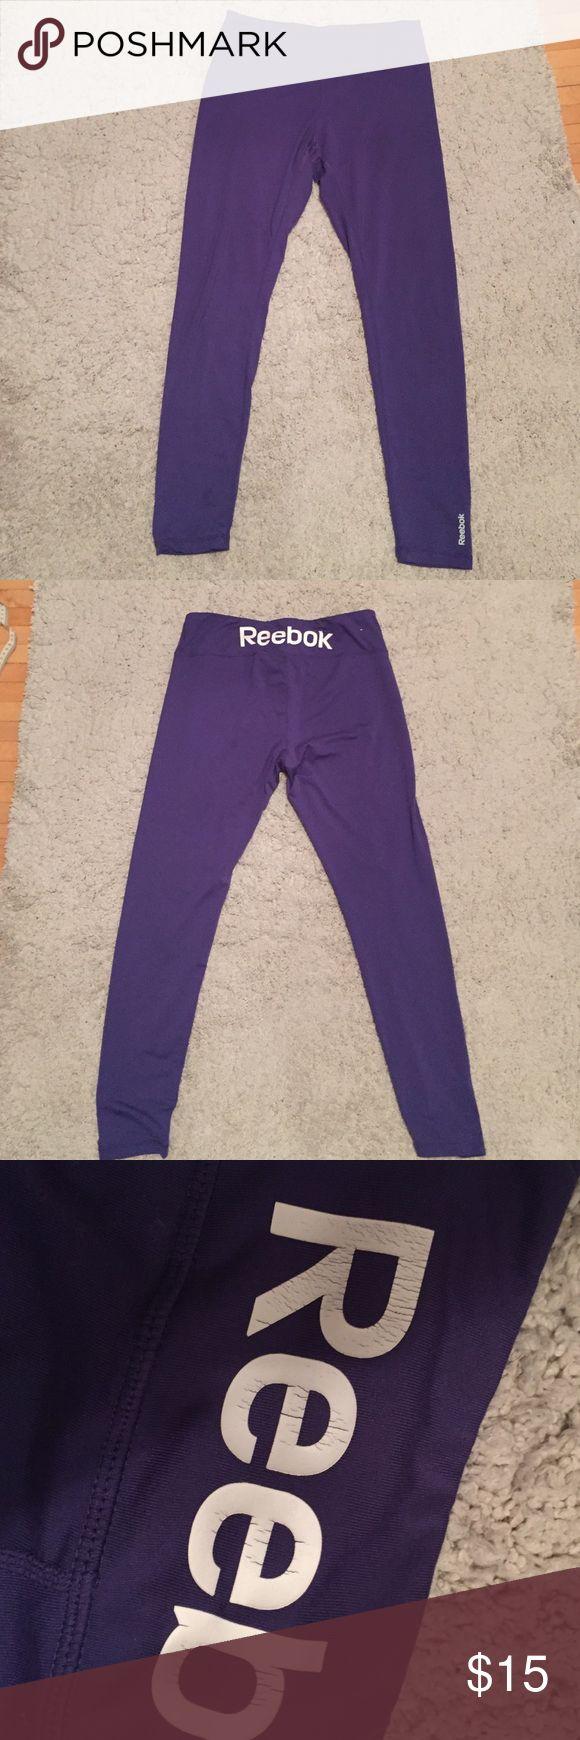 Gym leggings Purple reebok leggings slightly worn as shown Reebok Pants